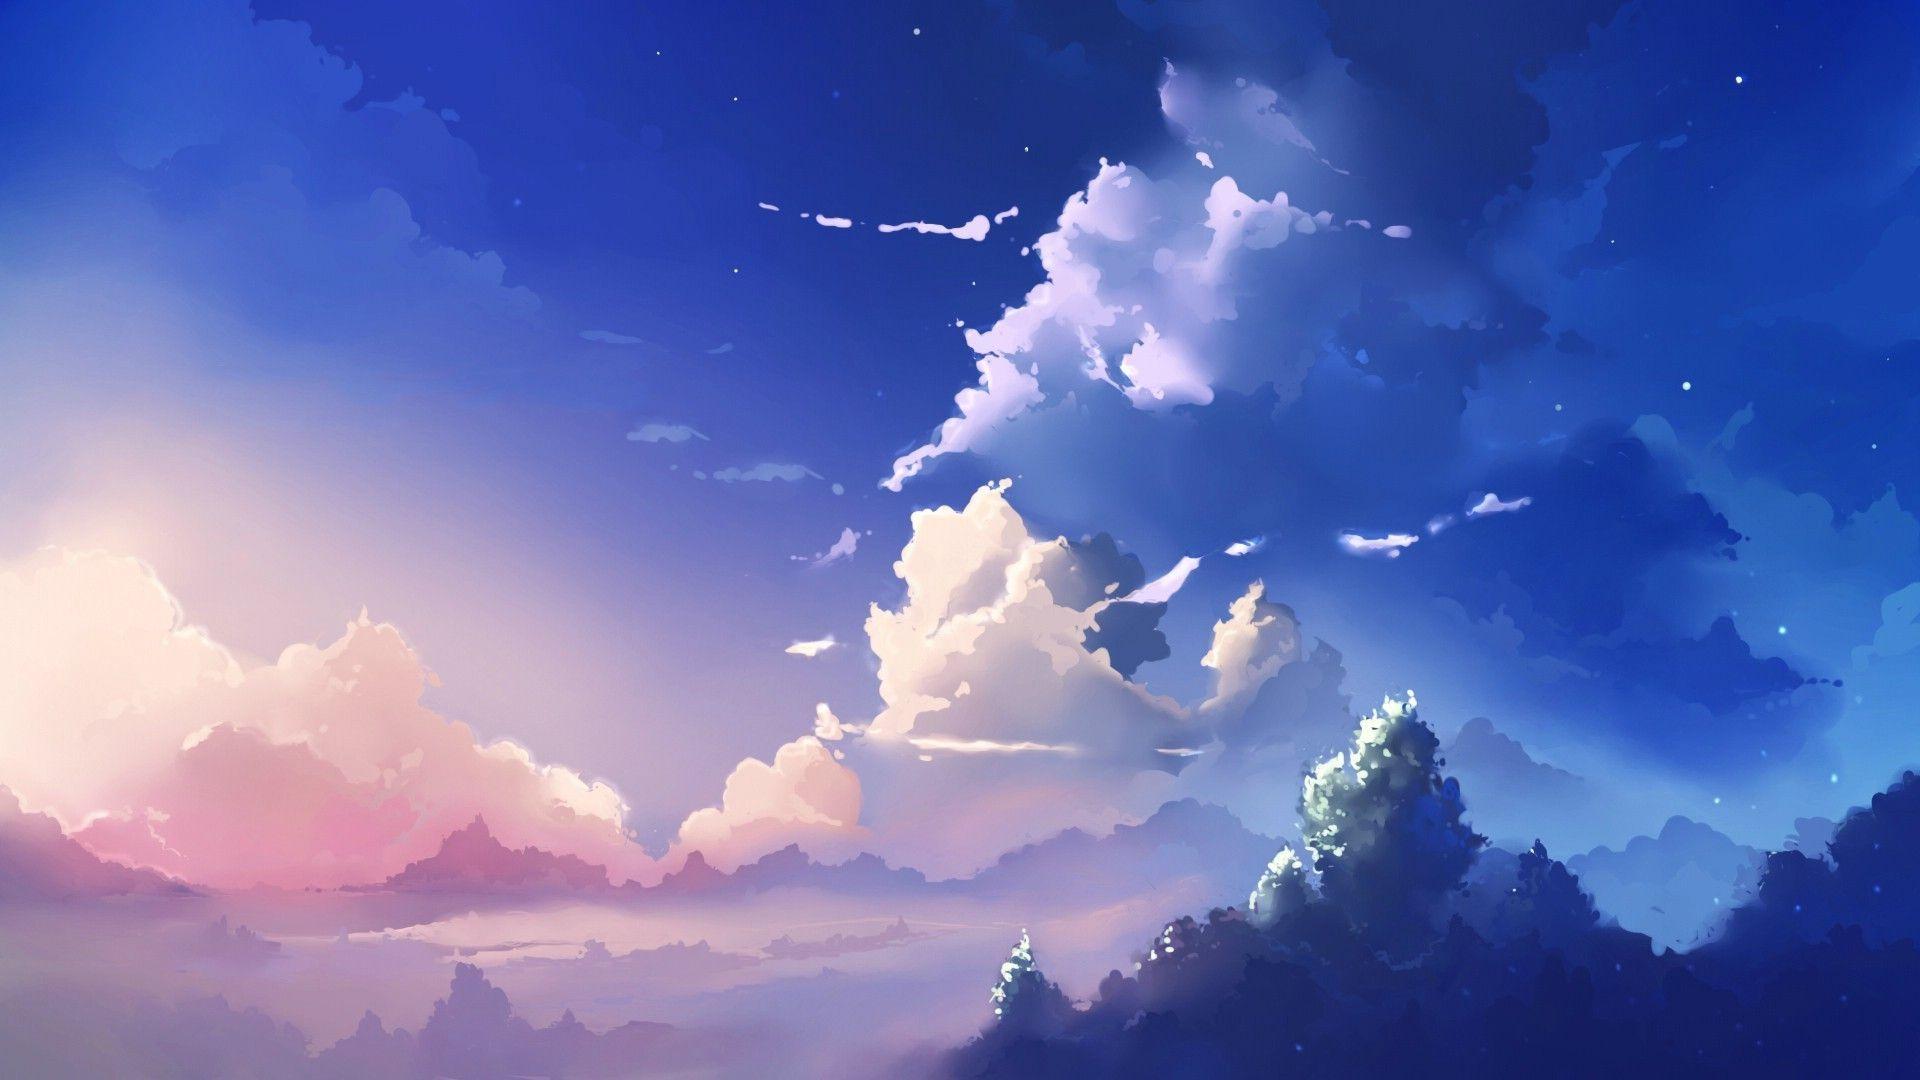 aesthetic anime wallpapers for desktop